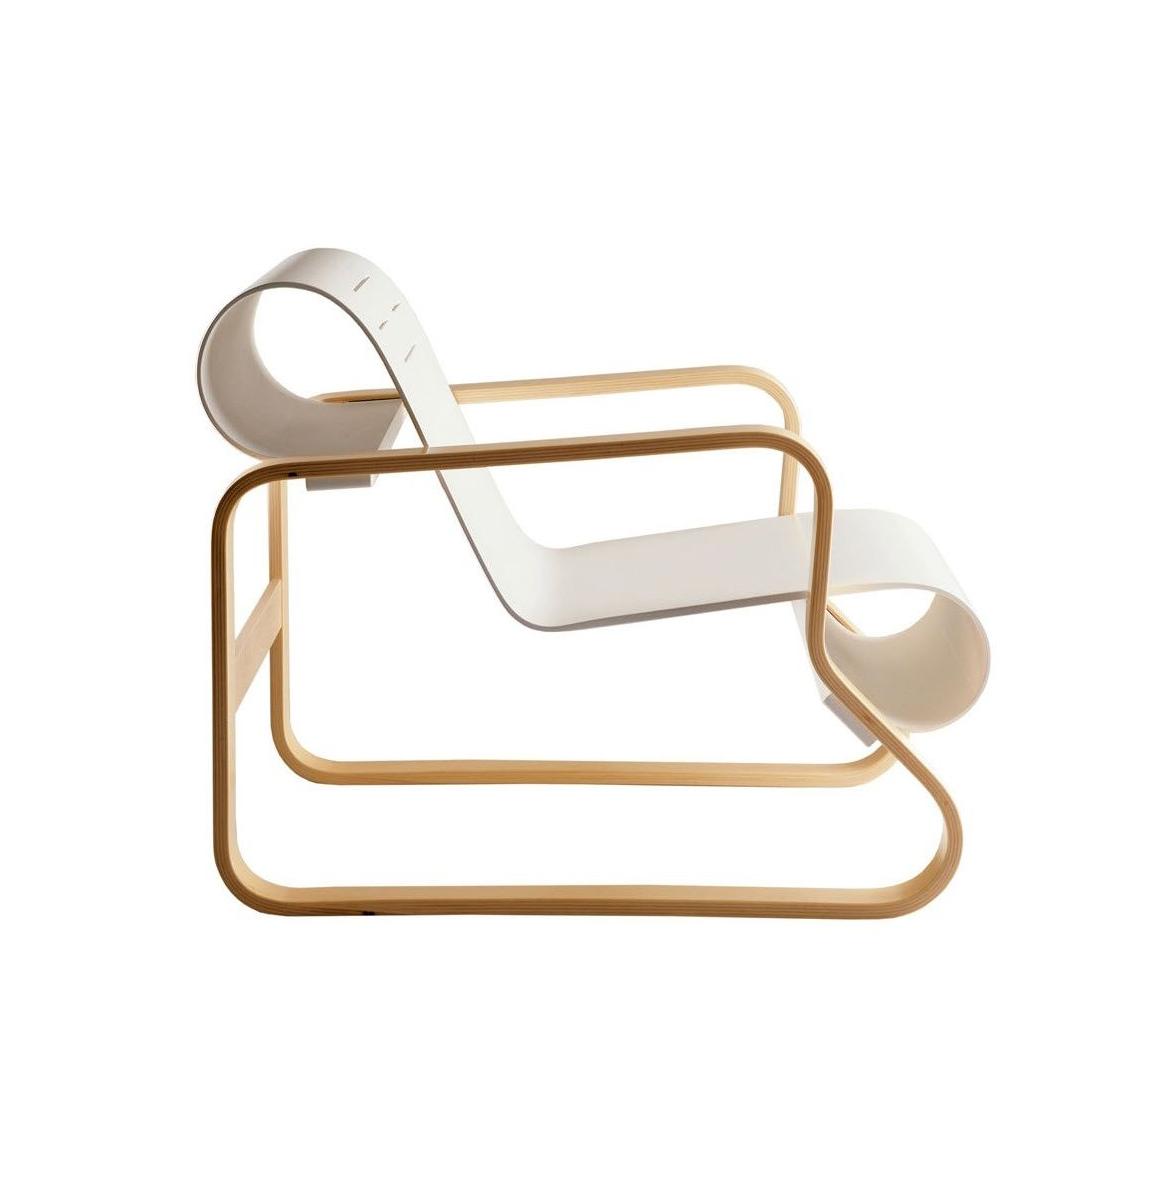 Aalto chair 41 Paimio.jpg